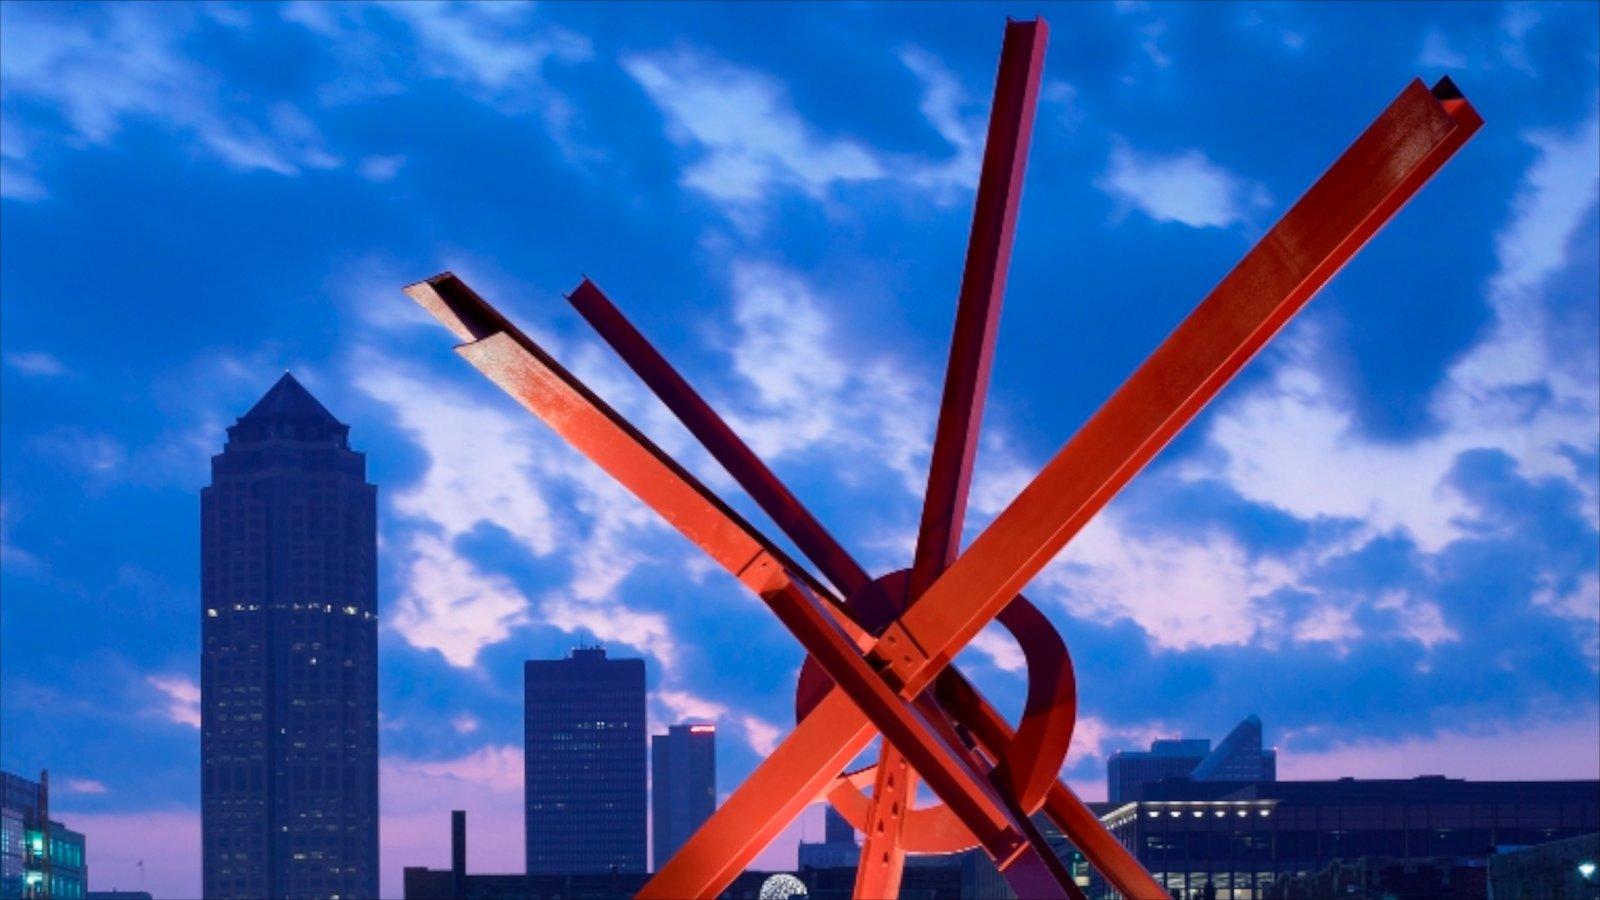 Des Moines caracterizando um edifício, arquitetura moderna e uma cidade